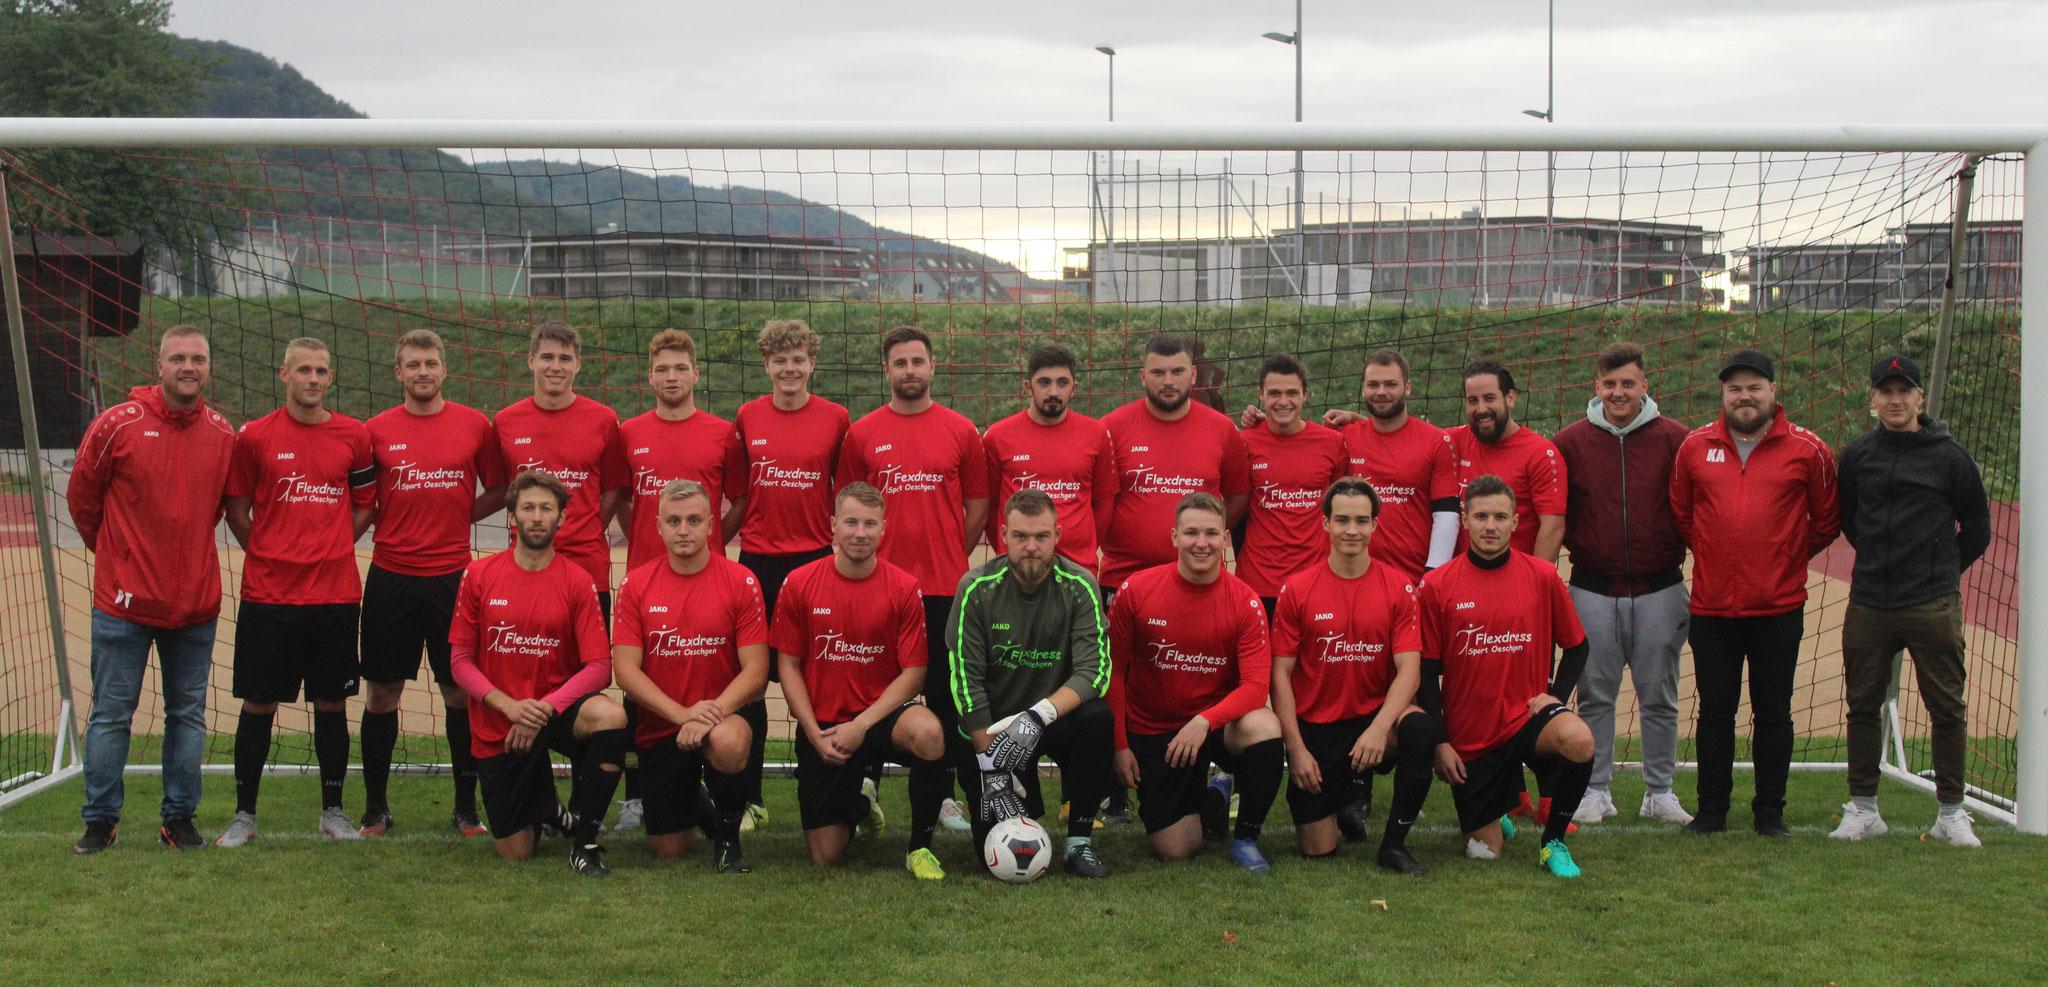 Mannschaftsfoto 1te Mannschaft 3. Liga, mit Heimsponsor Flexdress, Oeschgen Saison 2020/2021